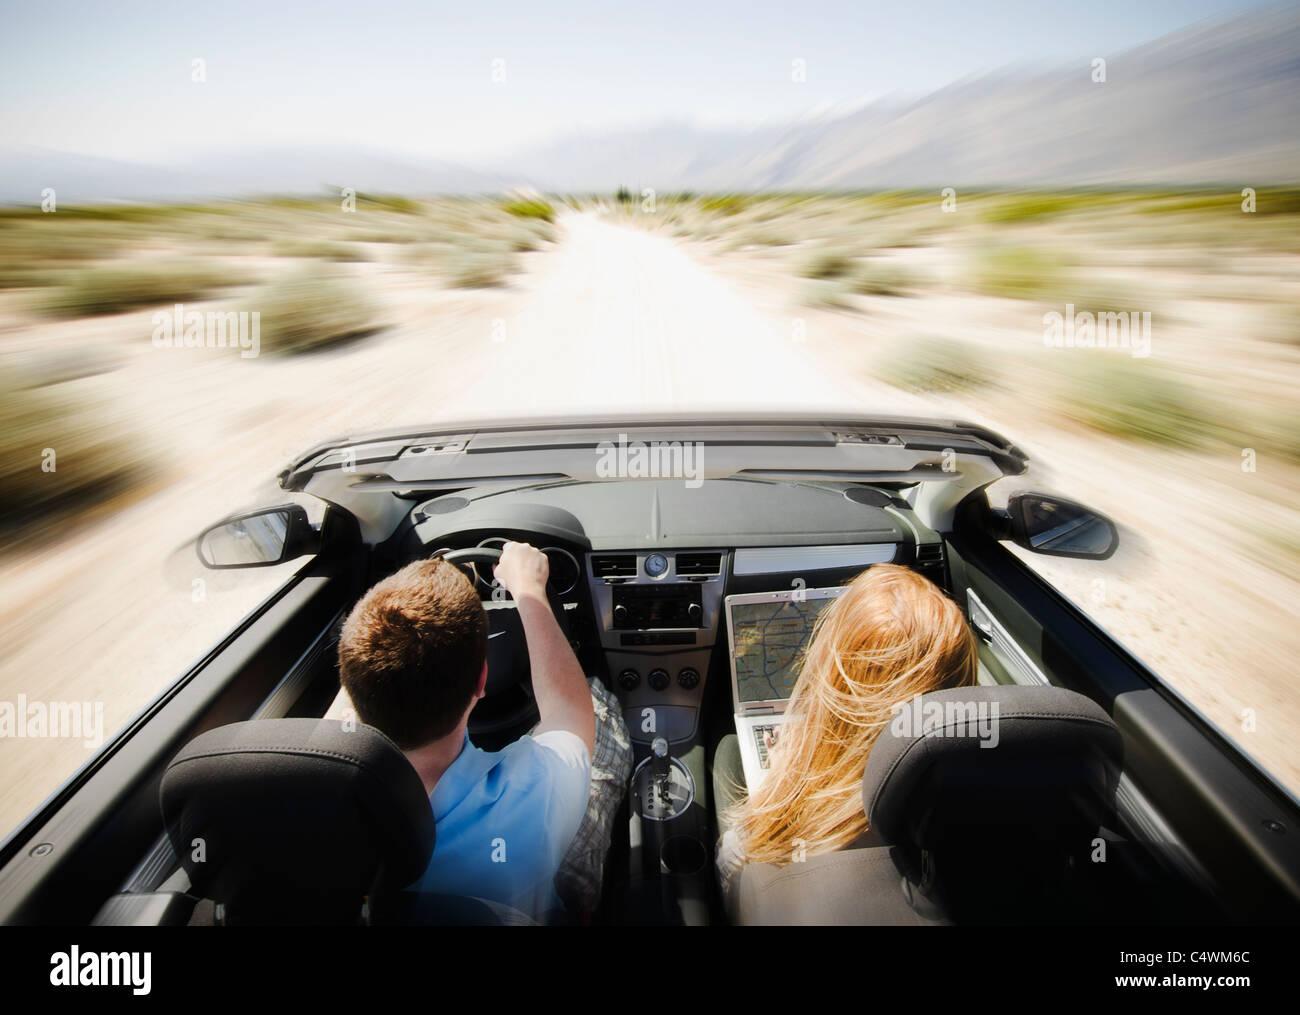 Stati Uniti, California, Palm Springs, Coachella Valley, San Gorgonio Pass, giovane guidando attraverso il deserto Immagini Stock